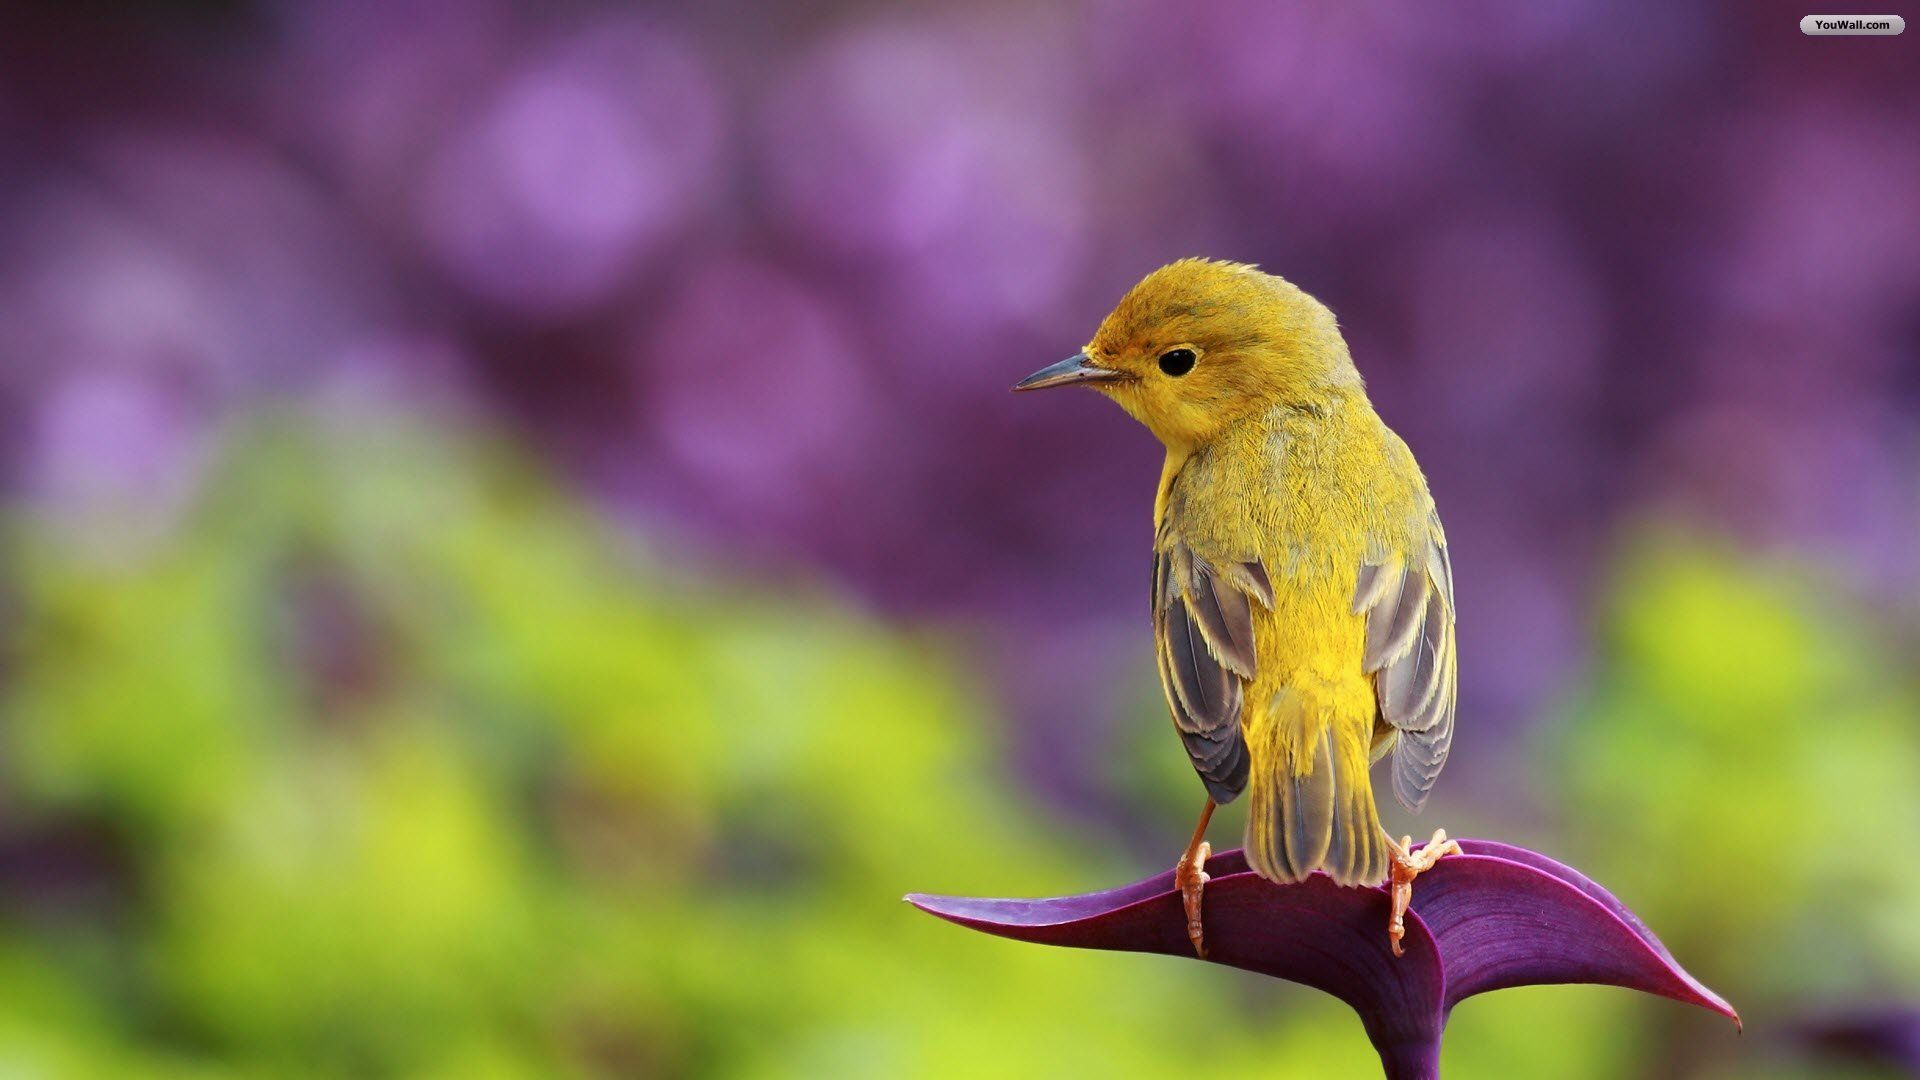 Bird Desktop Wallpapers Top Free Bird Desktop Backgrounds